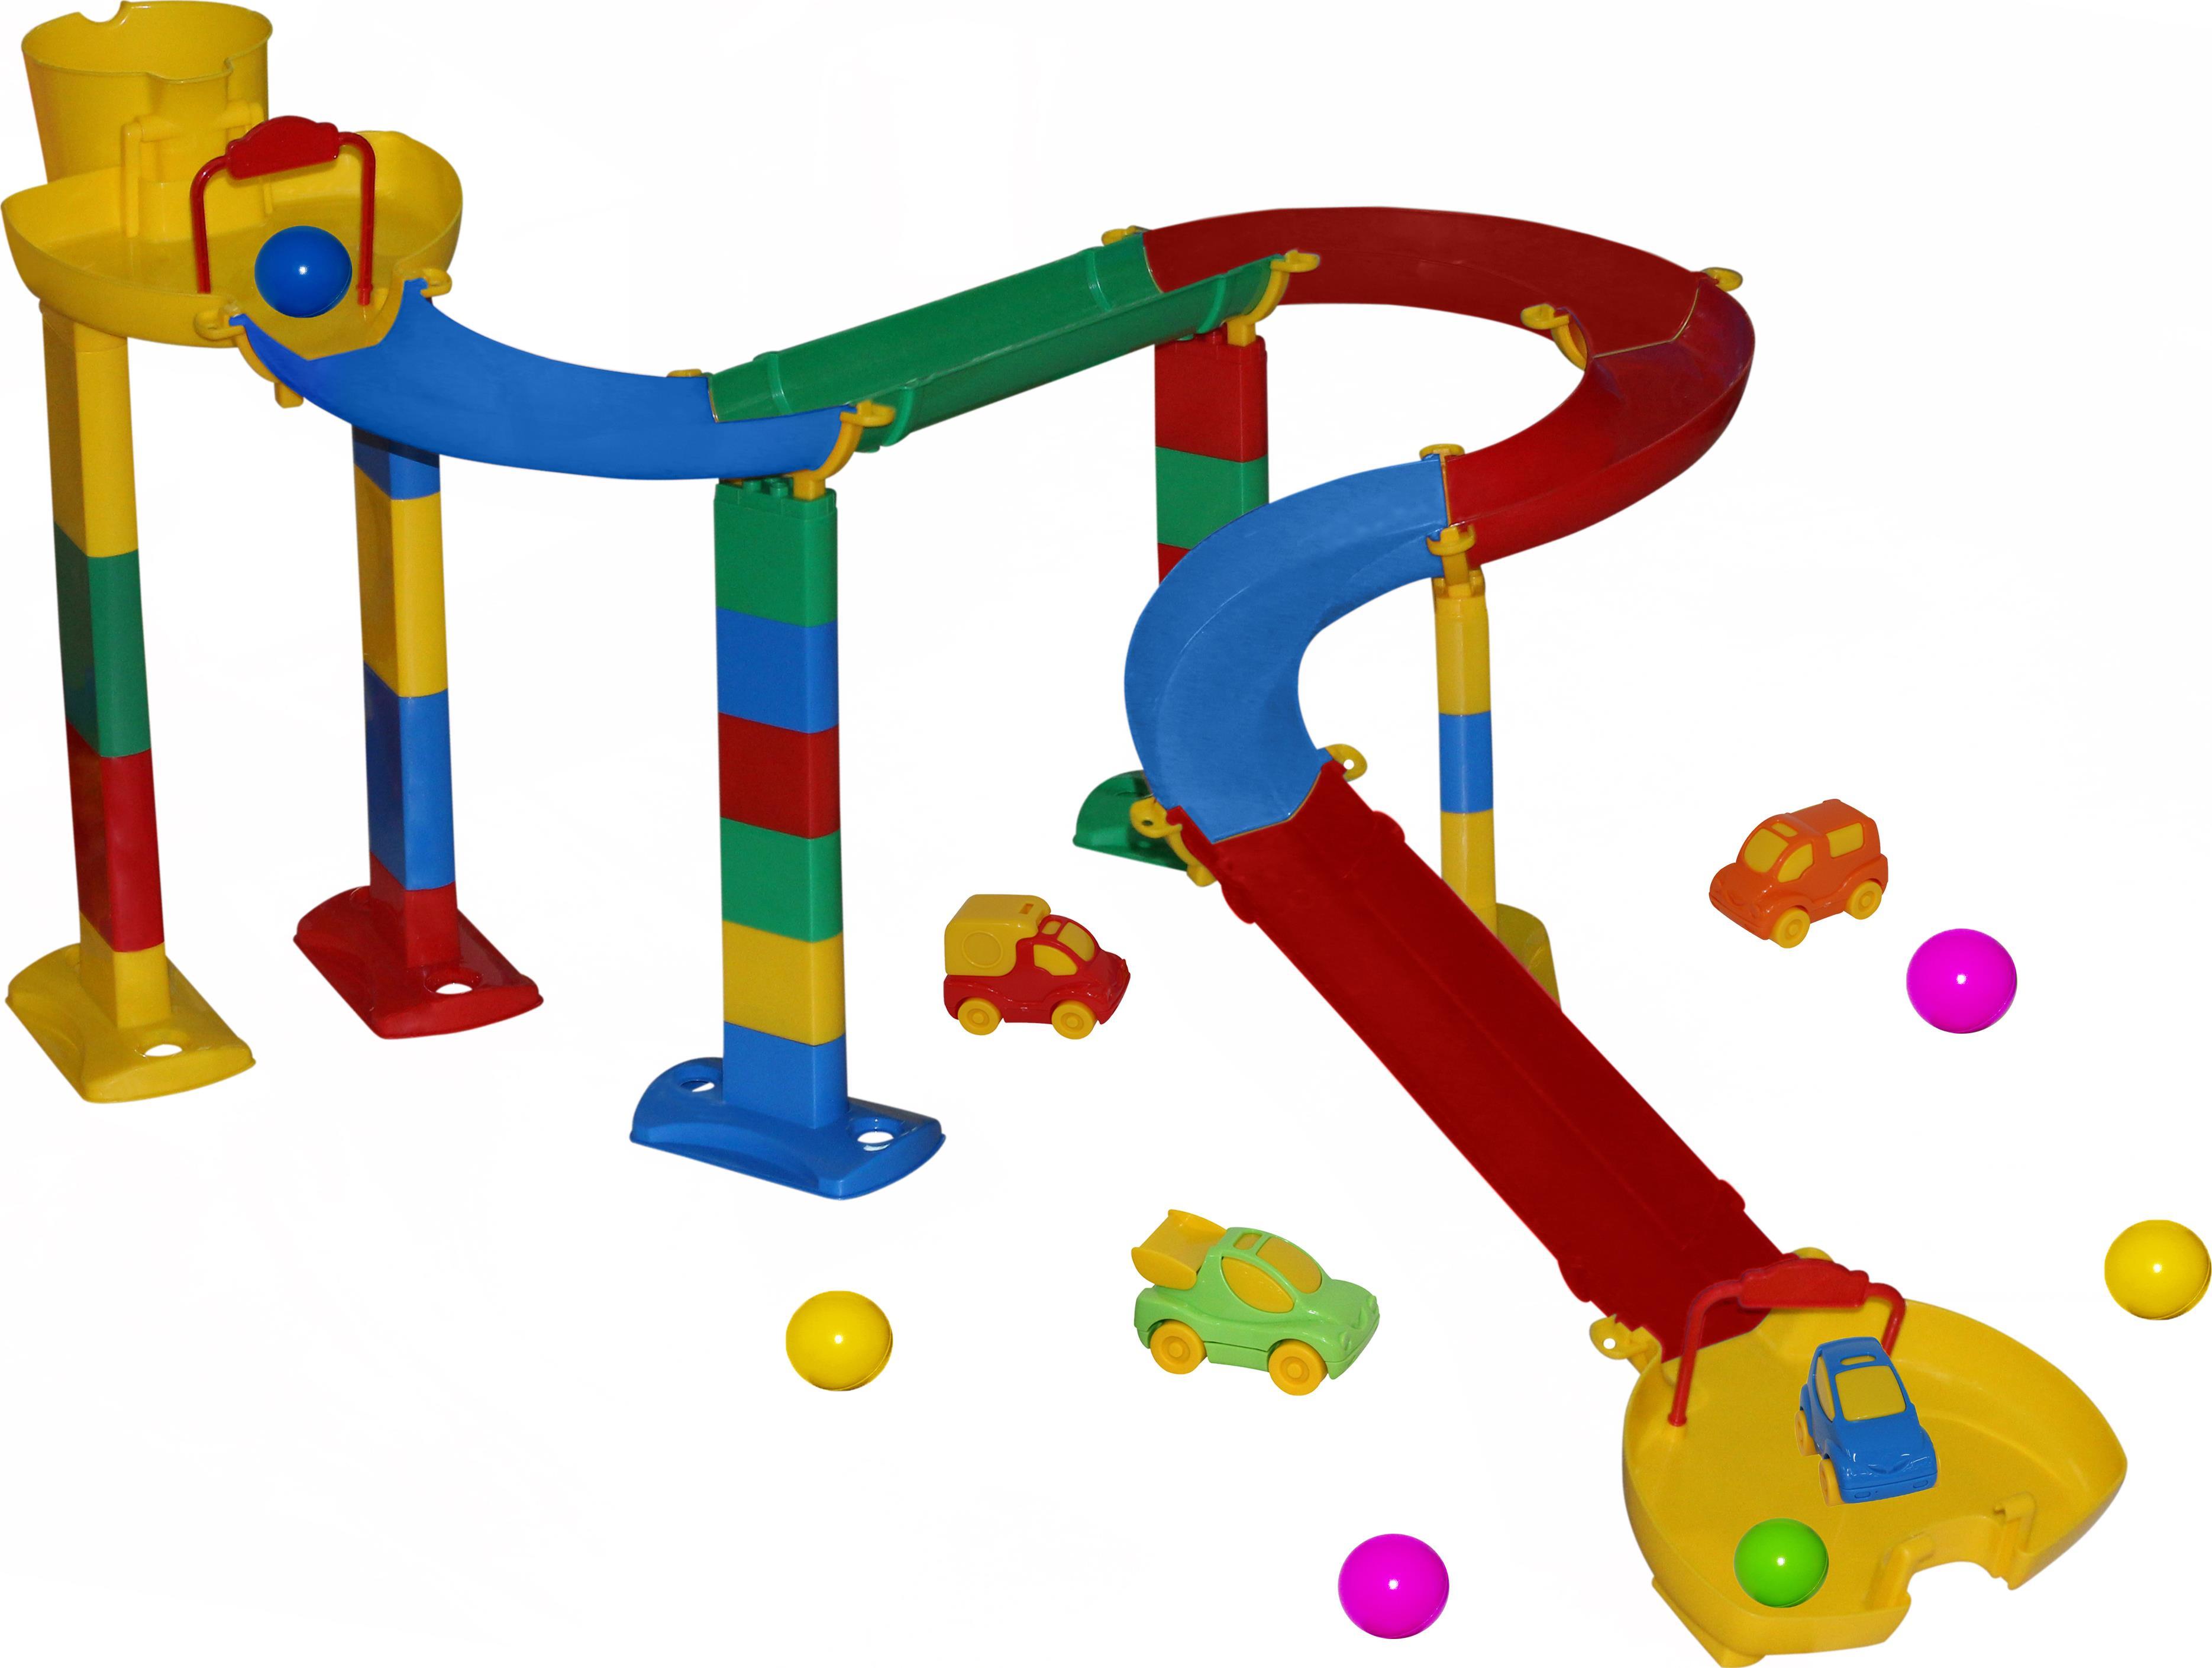 Горка для шариков, набор №1 в пакетеДетские развивающие игрушки Полесье<br>Горка для шариков, набор №1 в пакете<br>